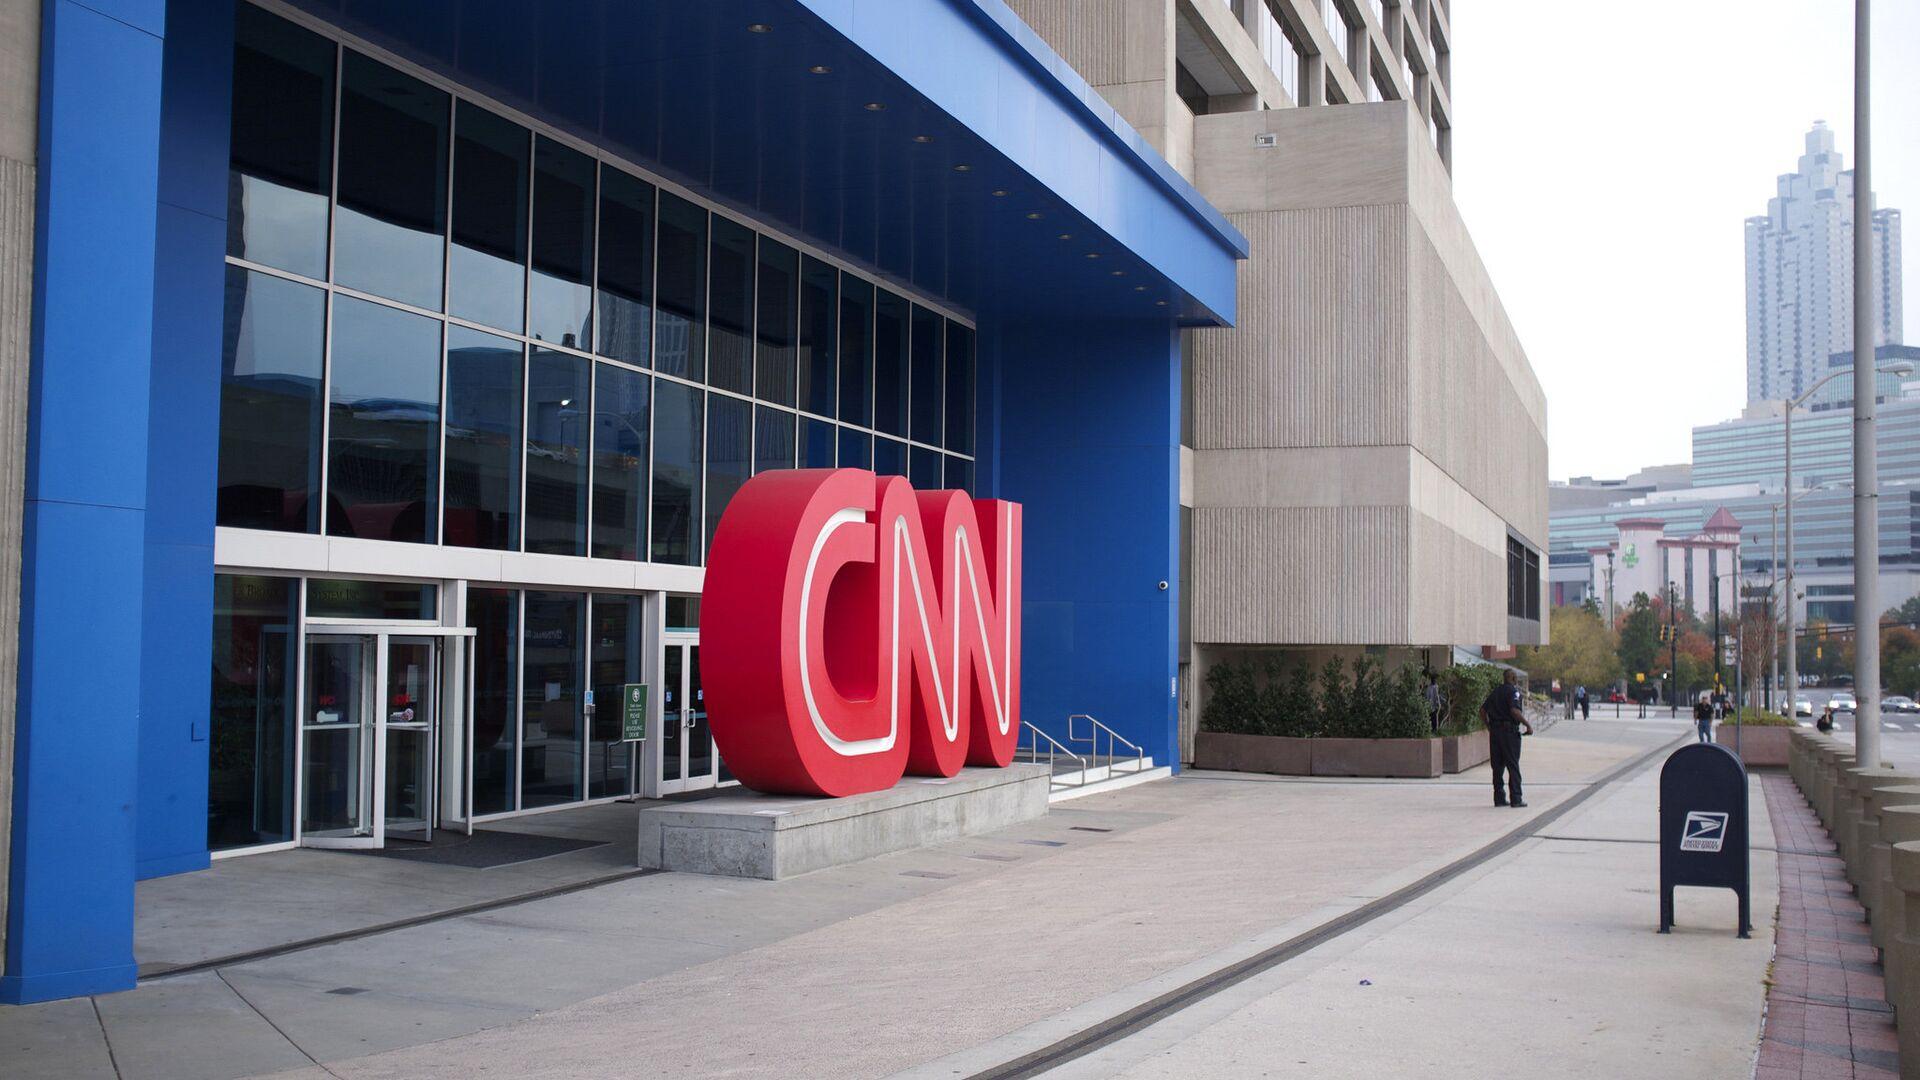 Здание телеканала CNN в Атланте - РИА Новости, 1920, 13.04.2021